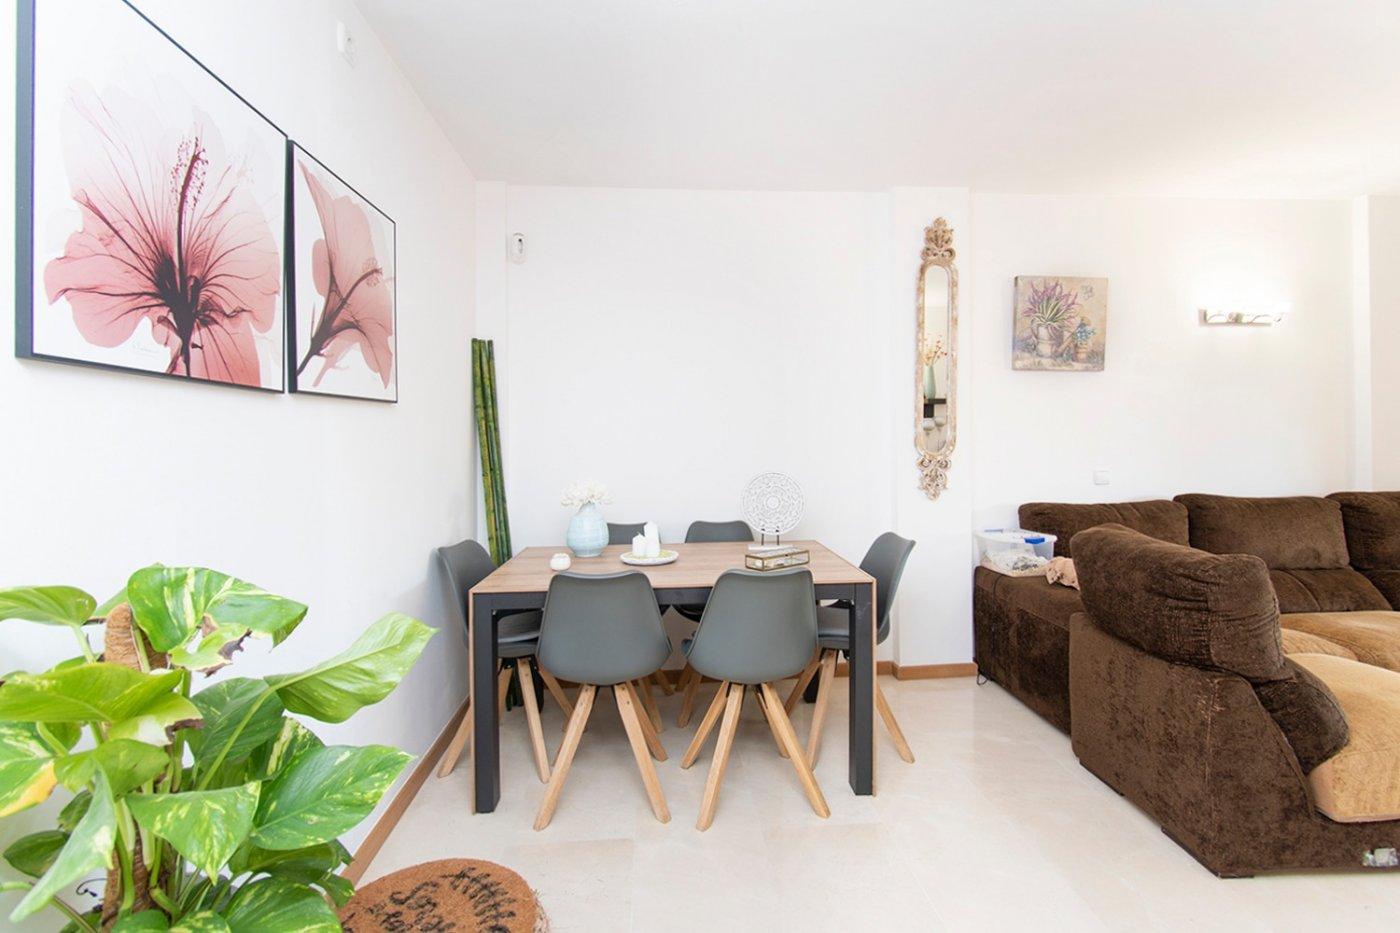 Planta baja de 2 habitaciones, terraza, parking, trastero y zonas comunitarias en son moix - imagenInmueble6